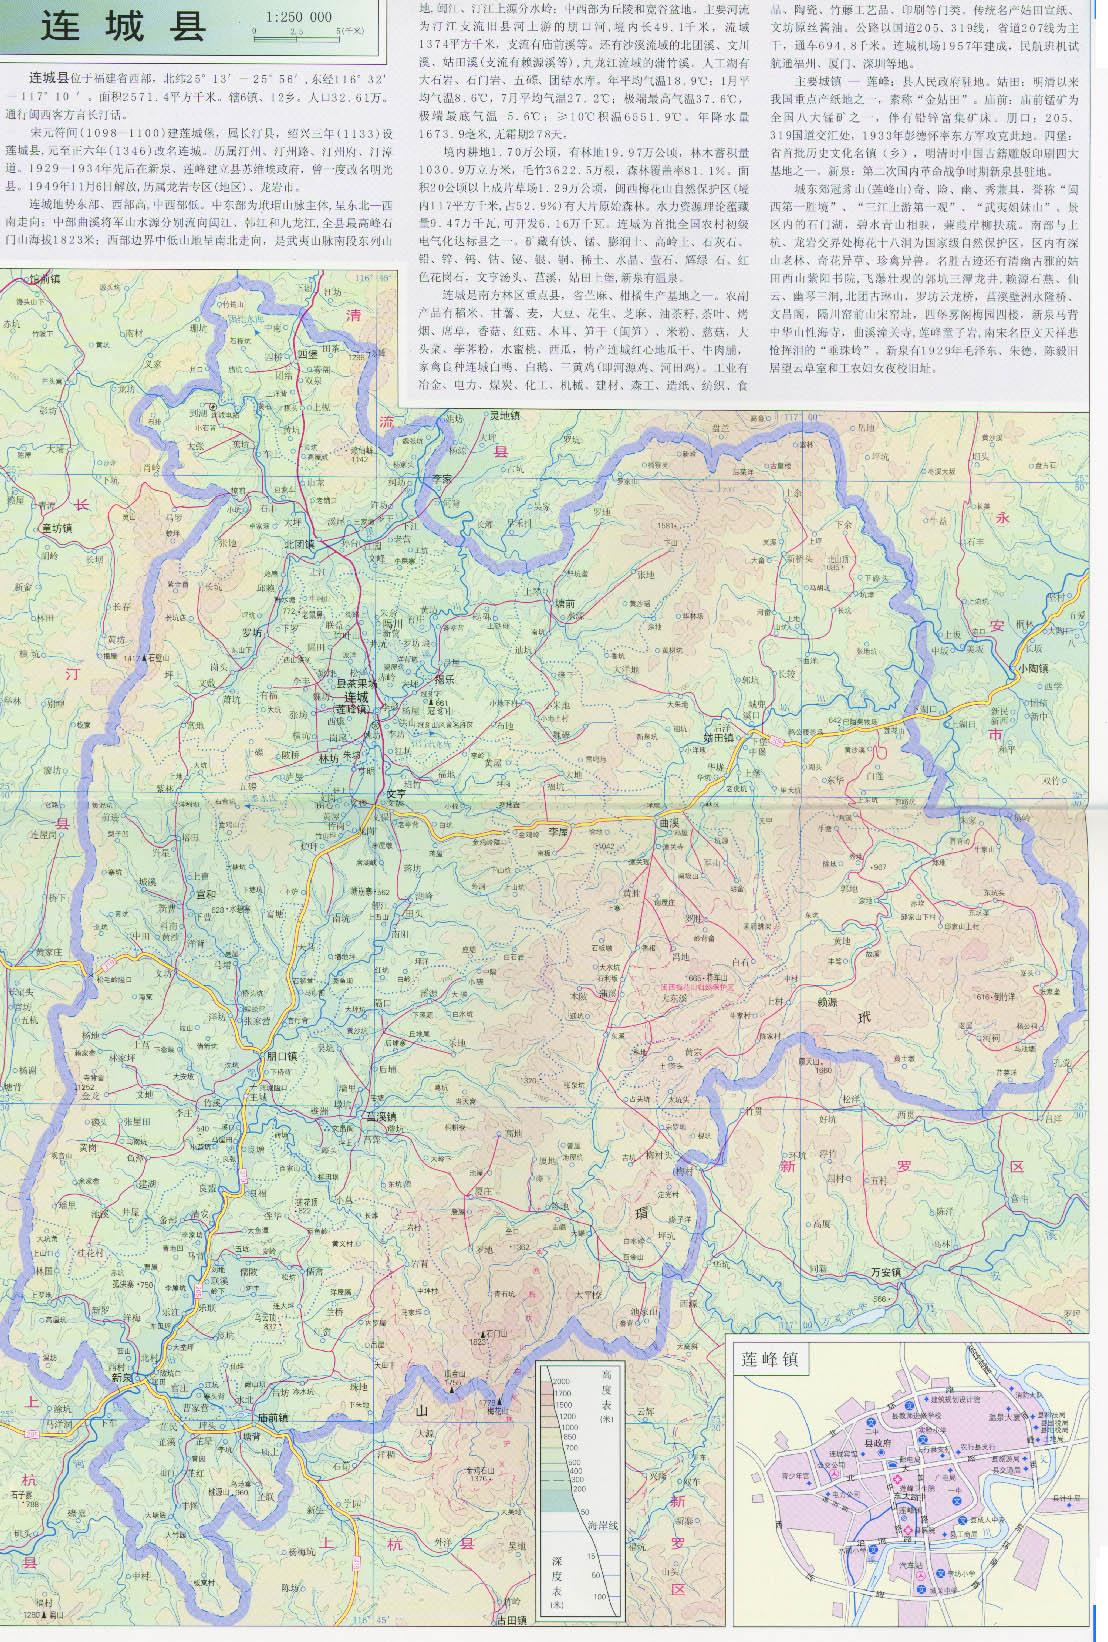 龙岩市地图_连城县政区图图片下载 连城县政区图打包下载